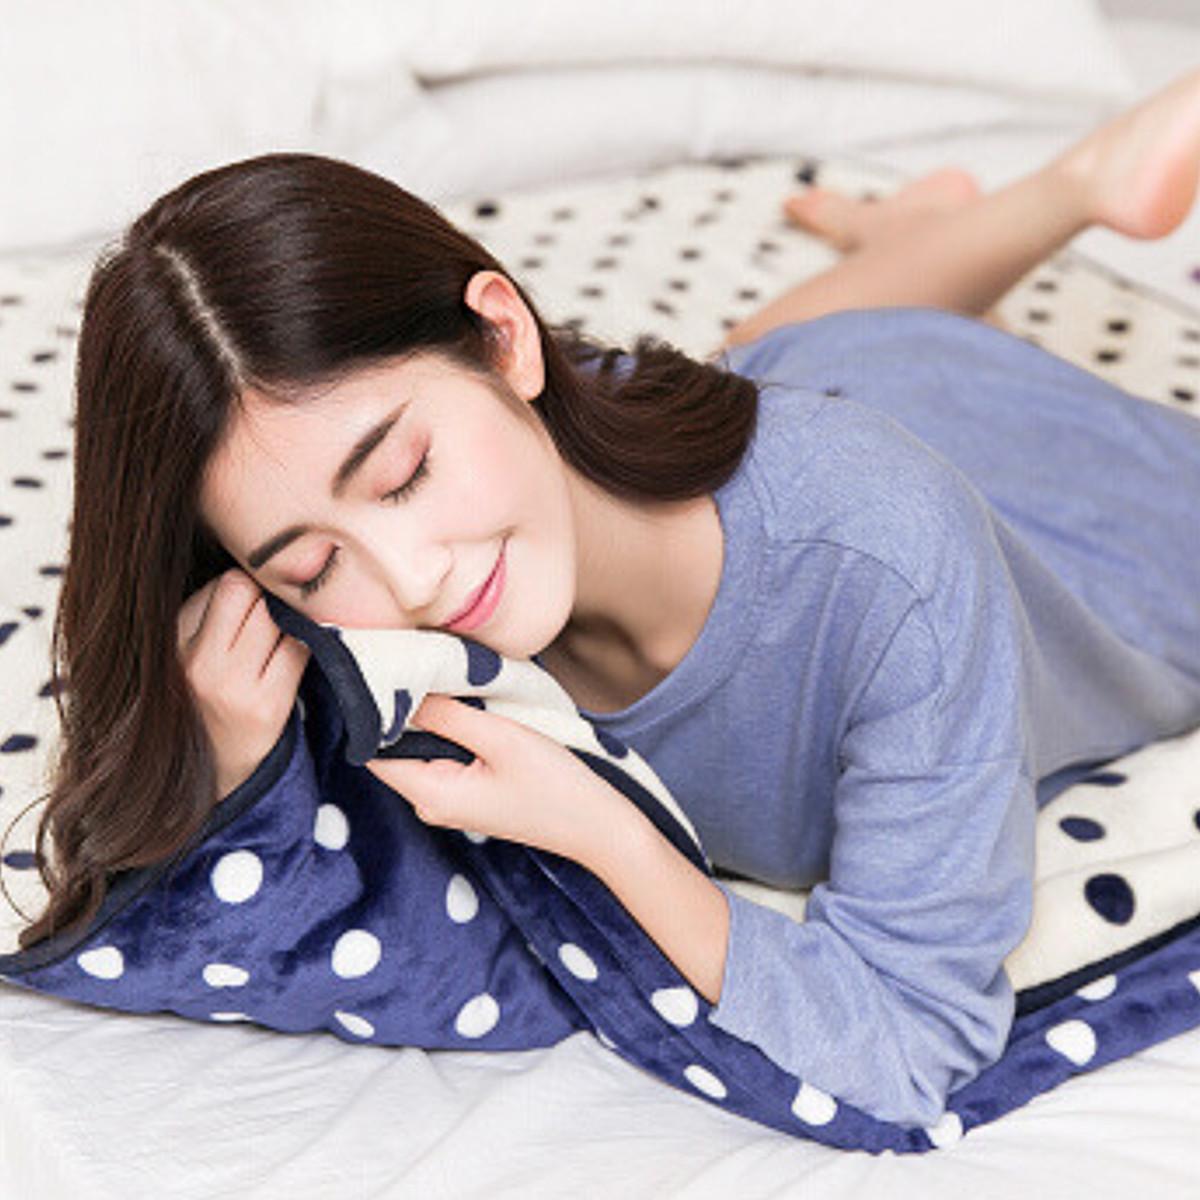 80x50см USB электрический Нагреватель согревающие одеяла отопления коврик с подогревом съемный домашний офис зимой тепло - фото 1